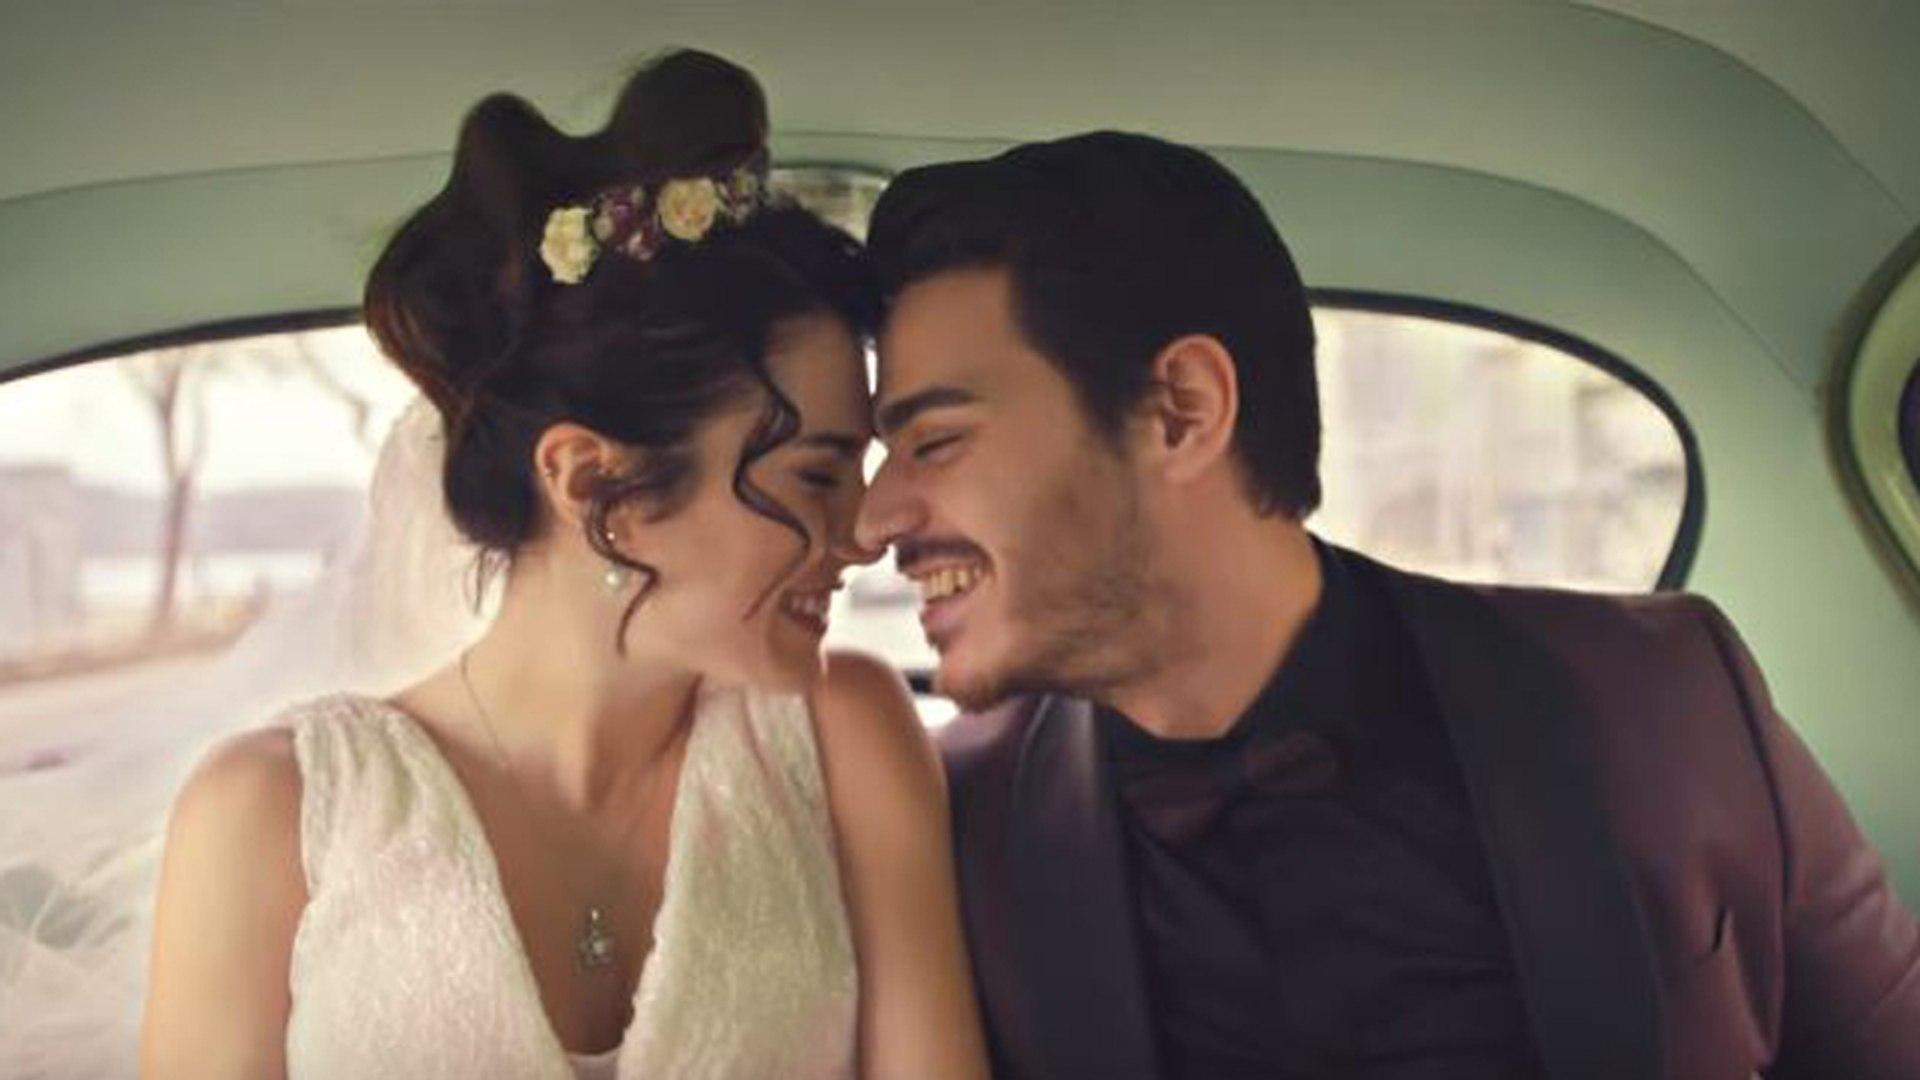 Kim Daha Mutlu Filminin Fragmanını / Videosunu İzleyin – 17 Mayıs'ta Vizyonda!